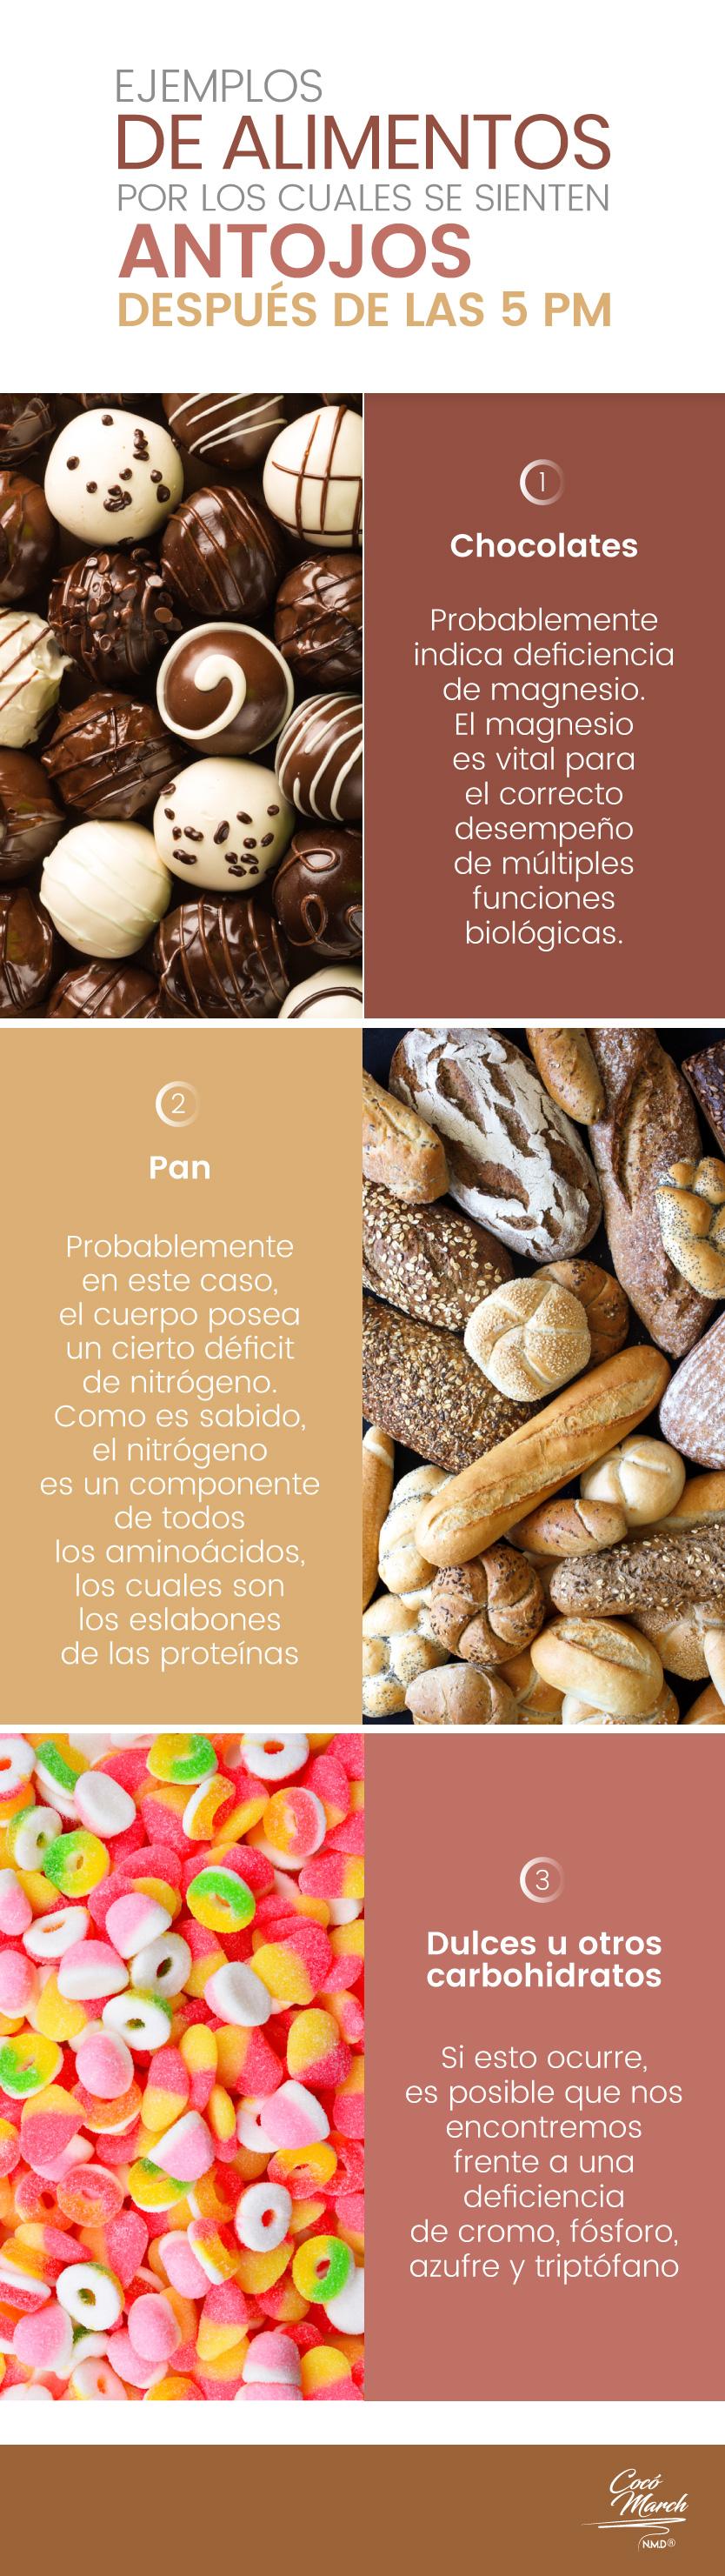 alimentos-que-producen-antojos-luego-de-las-5-pm